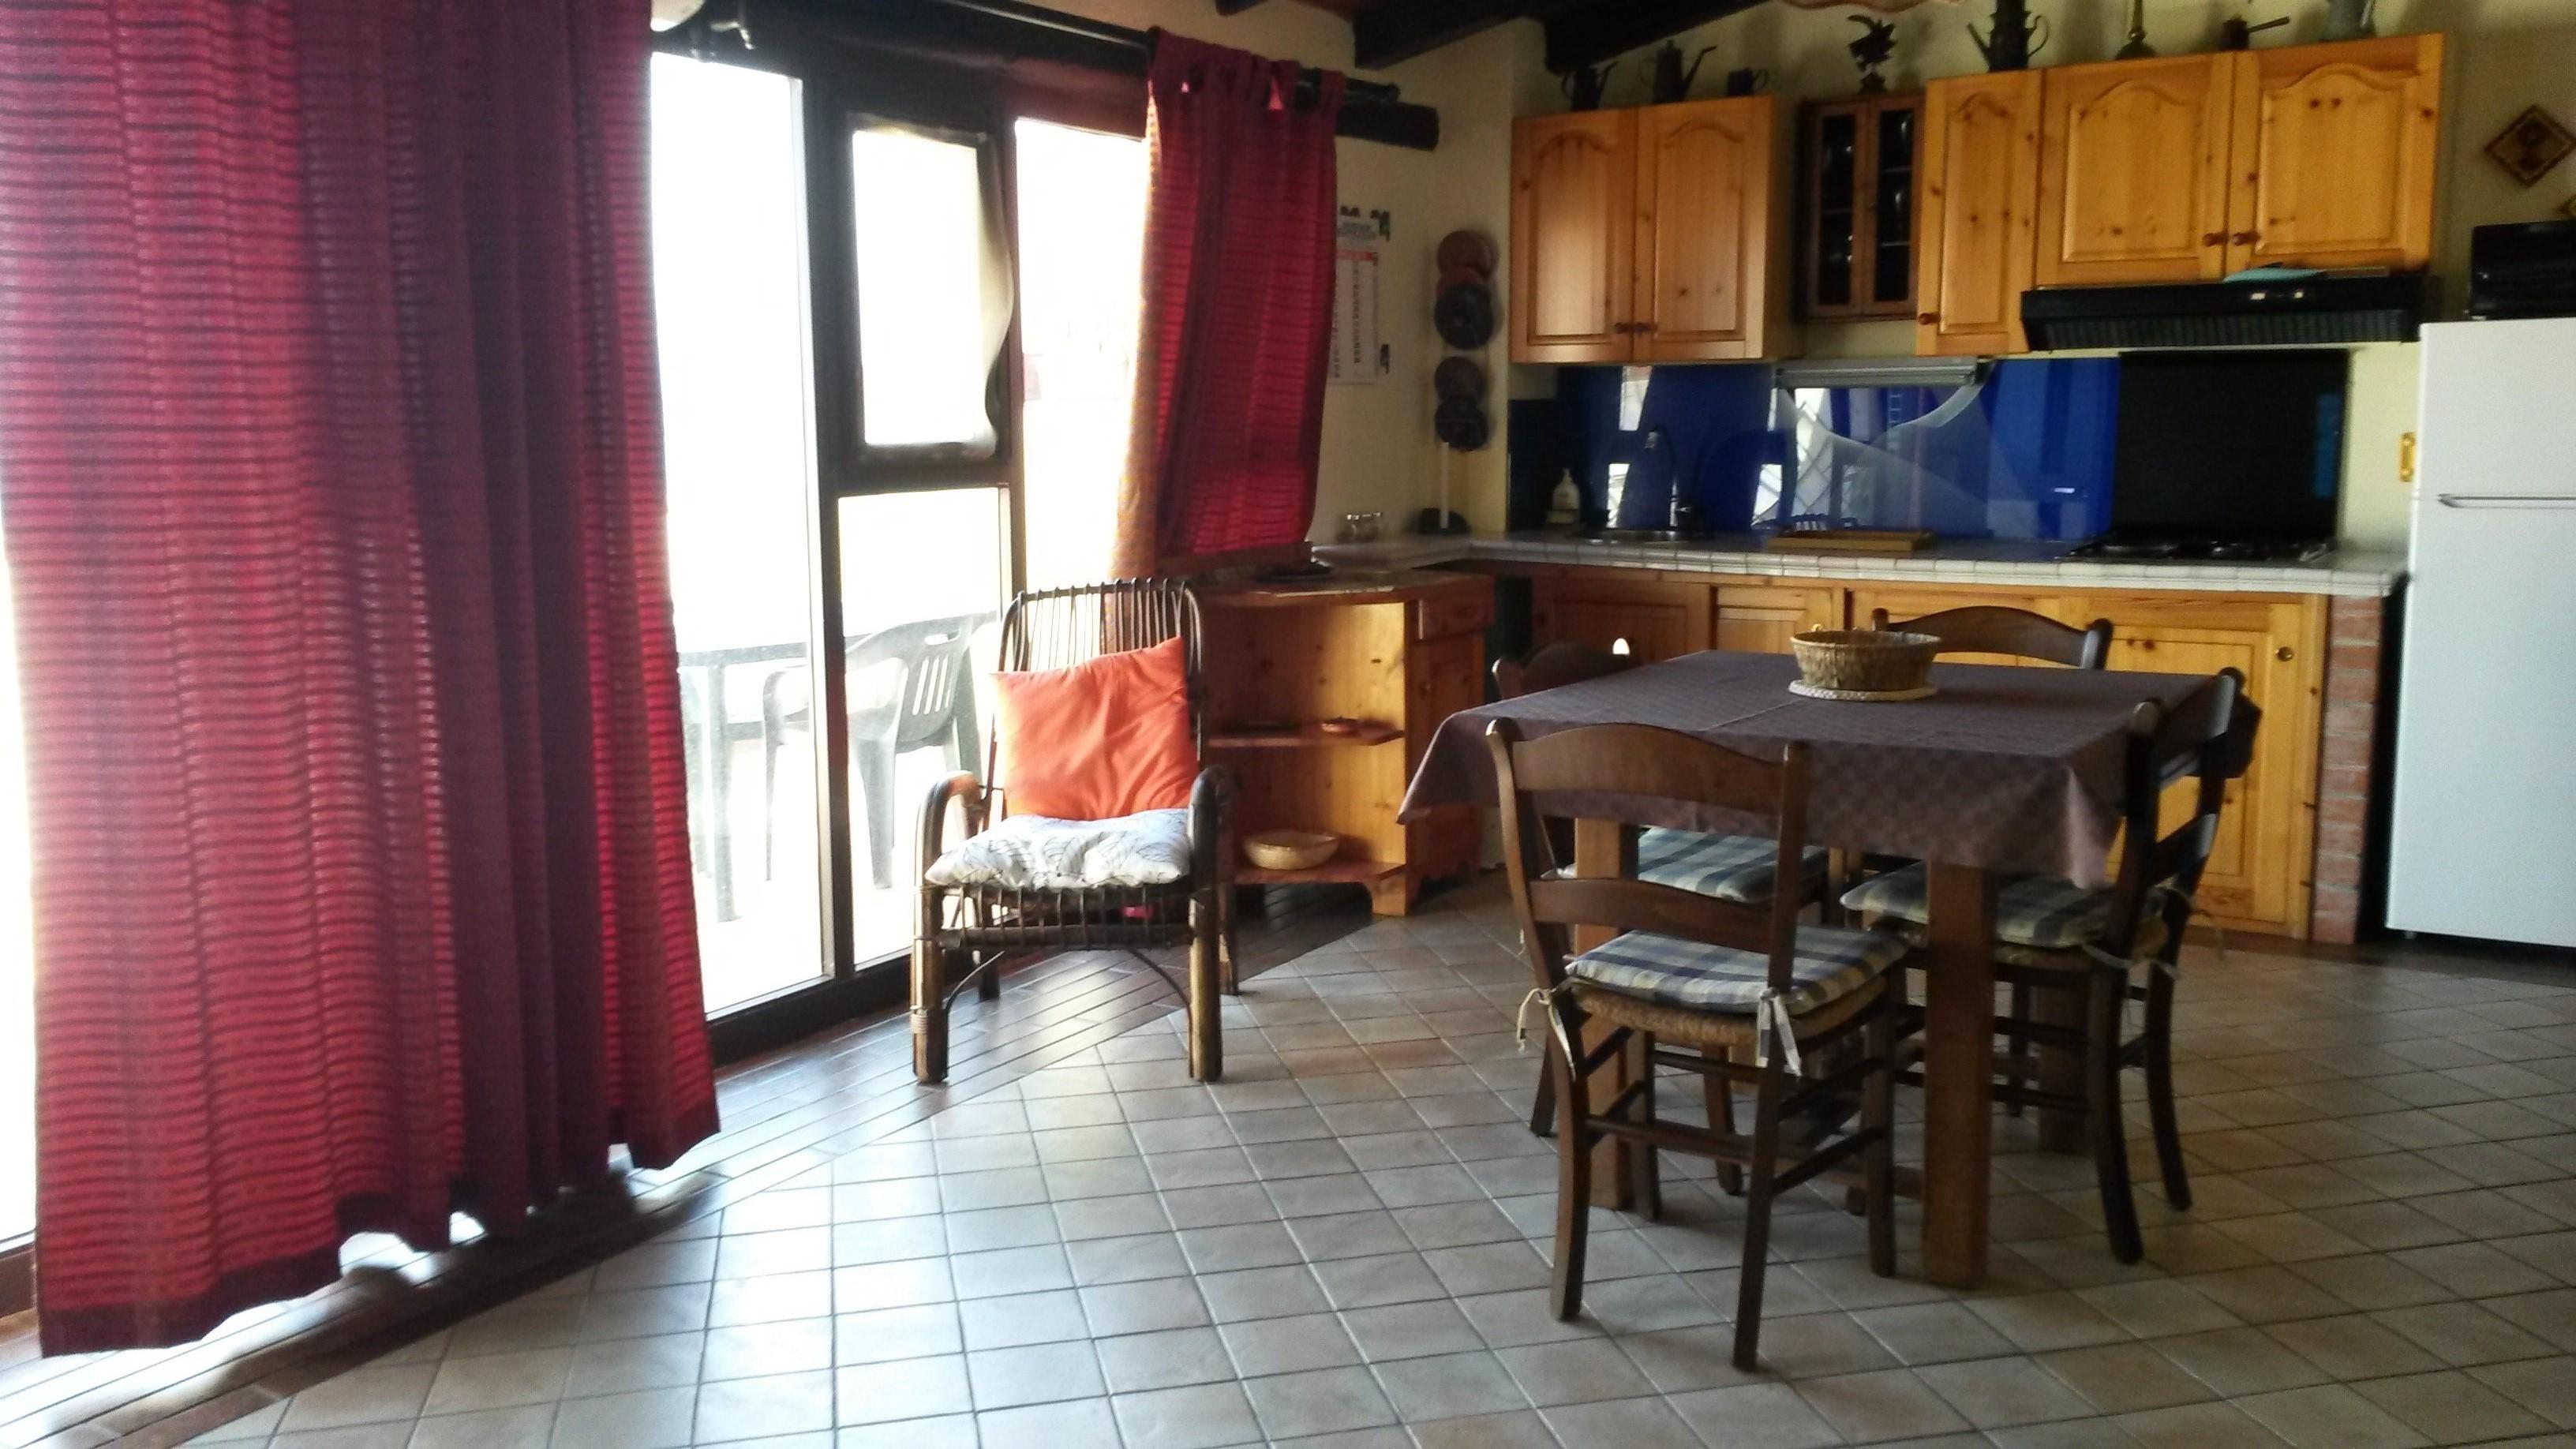 Casa & Co Milazzo casa maio al borgo antico di milazzo - houses for rent in